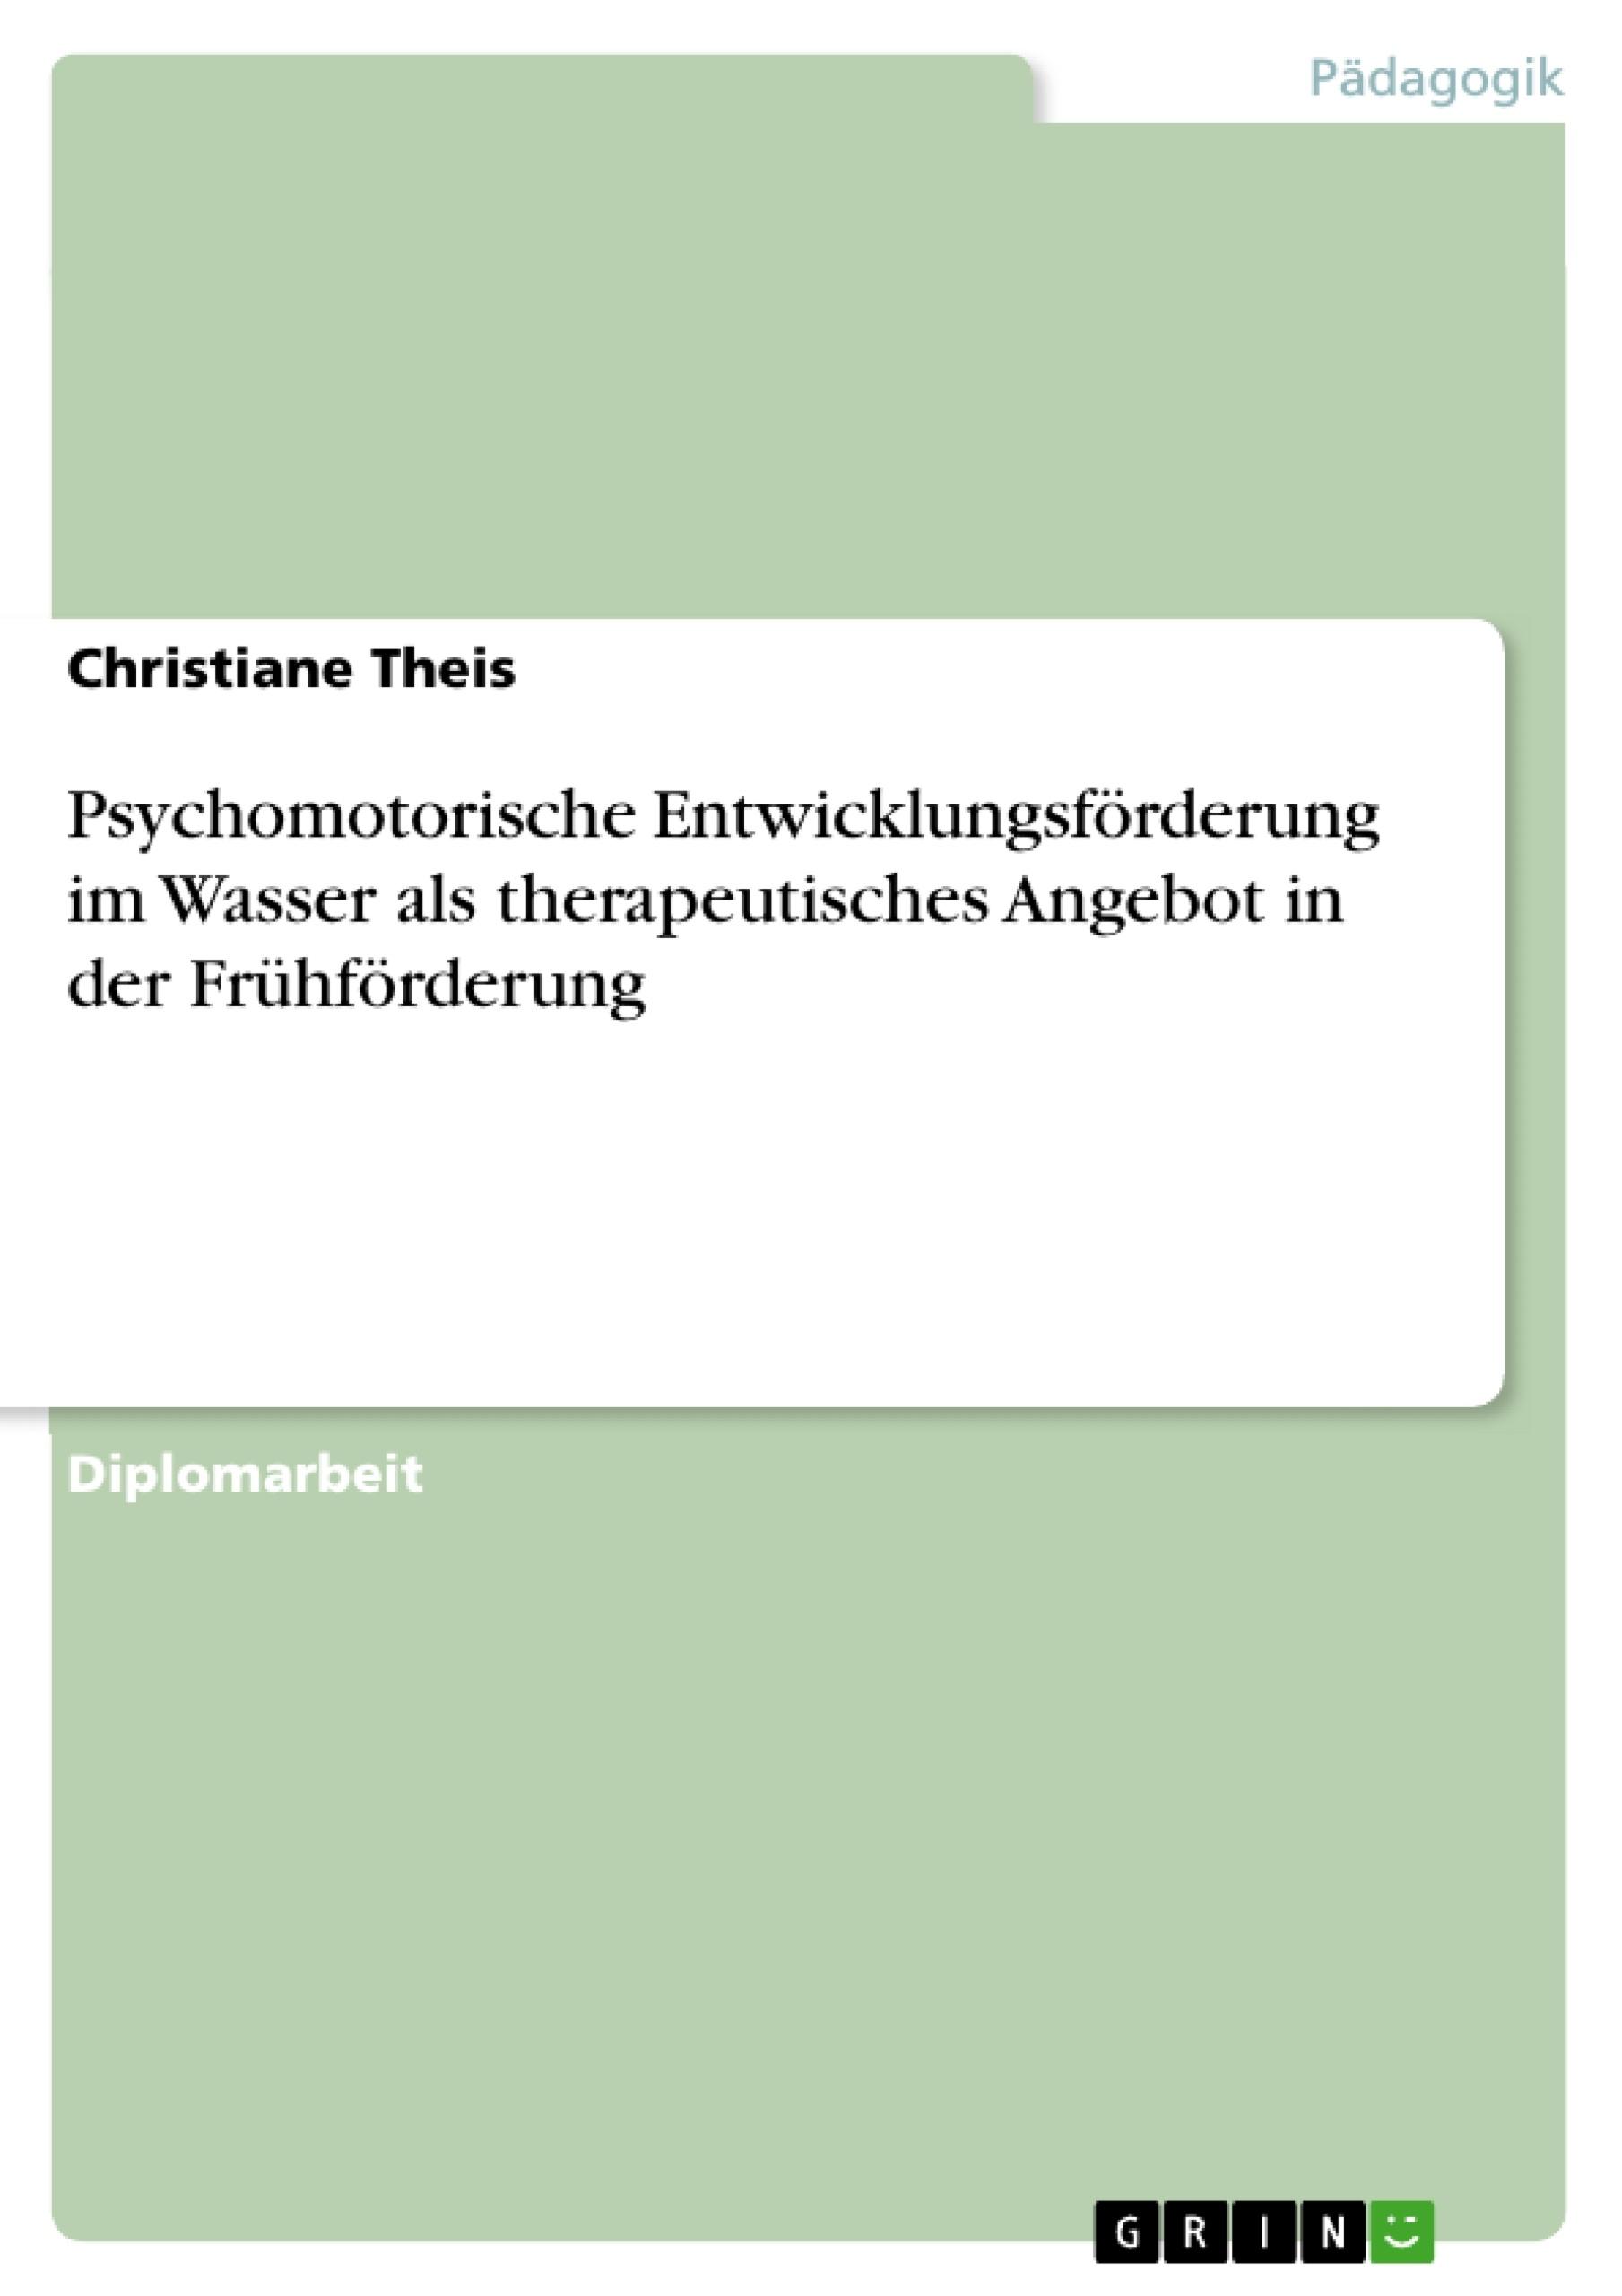 Titel: Psychomotorische Entwicklungsförderung im Wasser als therapeutisches Angebot in der Frühförderung